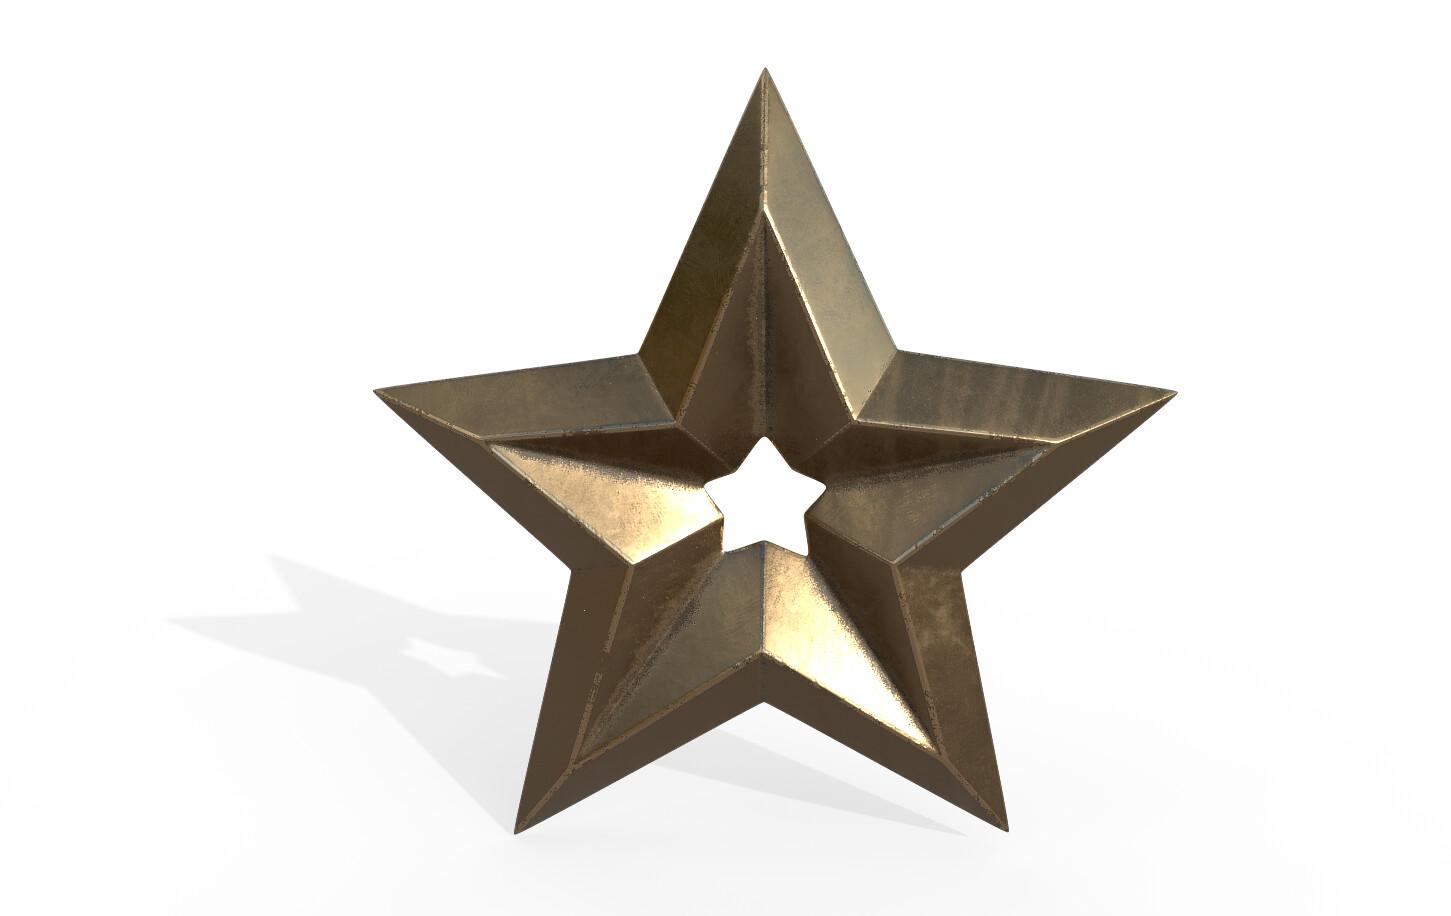 Joseph moniz star001g